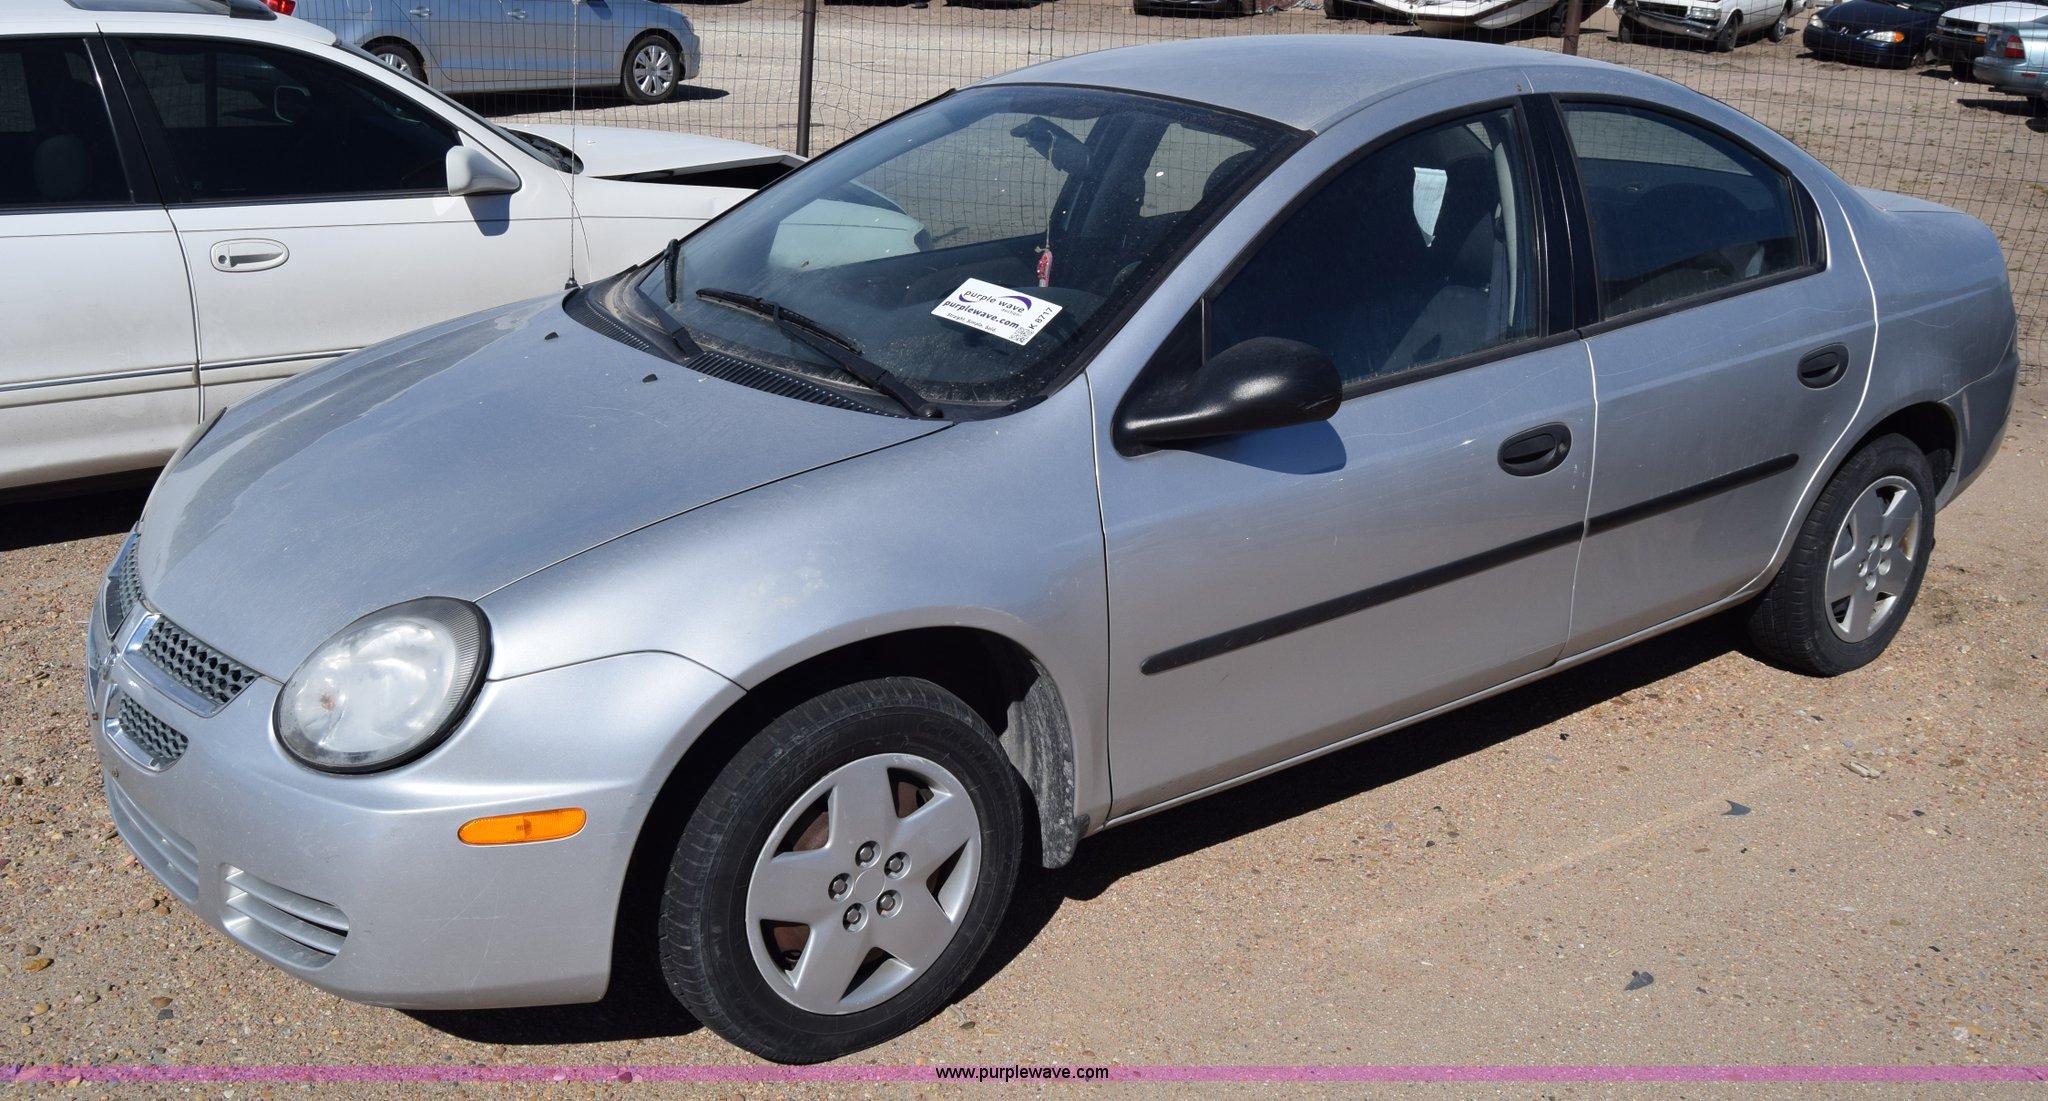 K8717 image for item K8717 2003 Dodge Neon